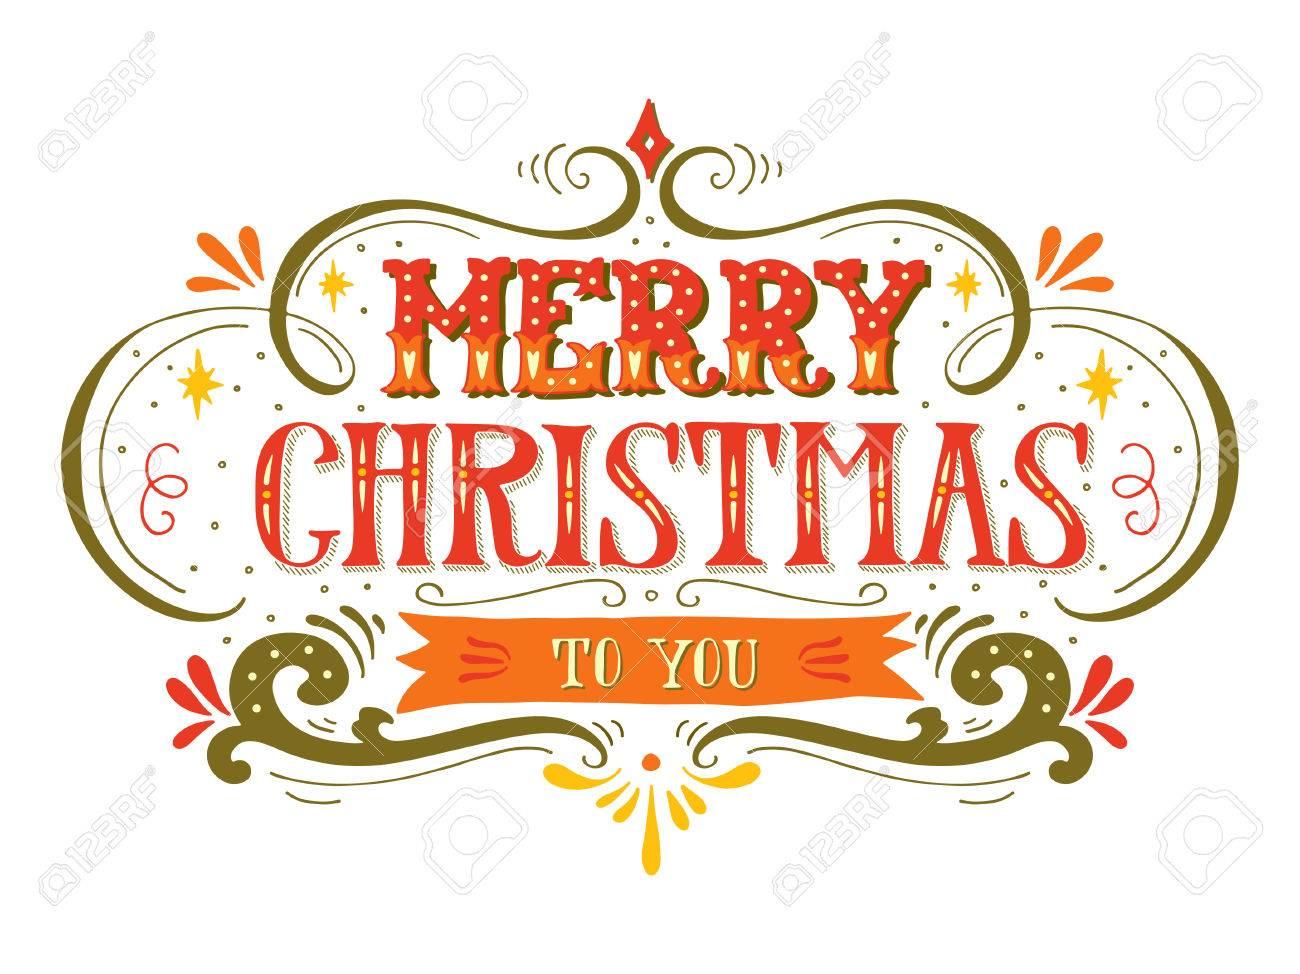 Immagini Natalizie Con Scritte.Buon Natale Poster Retro Con Scritte A Mano E Decorazione Elementi Questa Illustrazione Puo Essere Utilizzato Come Biglietto Di Auguri Poster O La